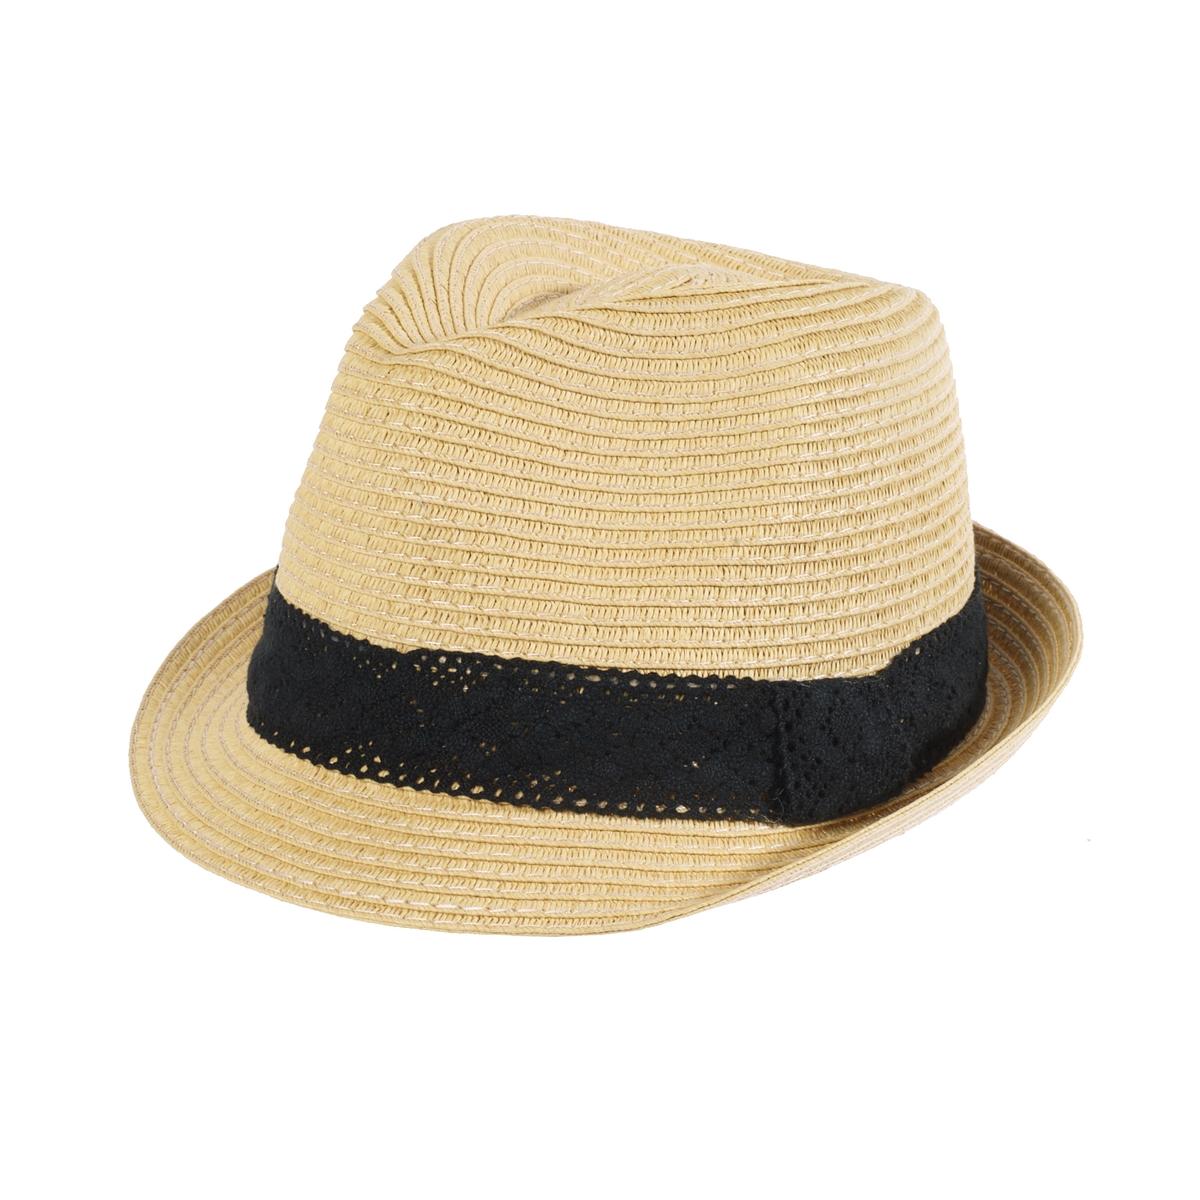 Шляпа из соломыОписание:Соломенная шляпа модной формы, с отделкой кружевной лентой для большей изысканности . Состав и описание :Материал верха  : искусственная солома Обхват головы : 56 см отделка кружевным галуномРегулируемая эластичная вставка<br><br>Цвет: серо-бежевый<br>Размер: единый размер